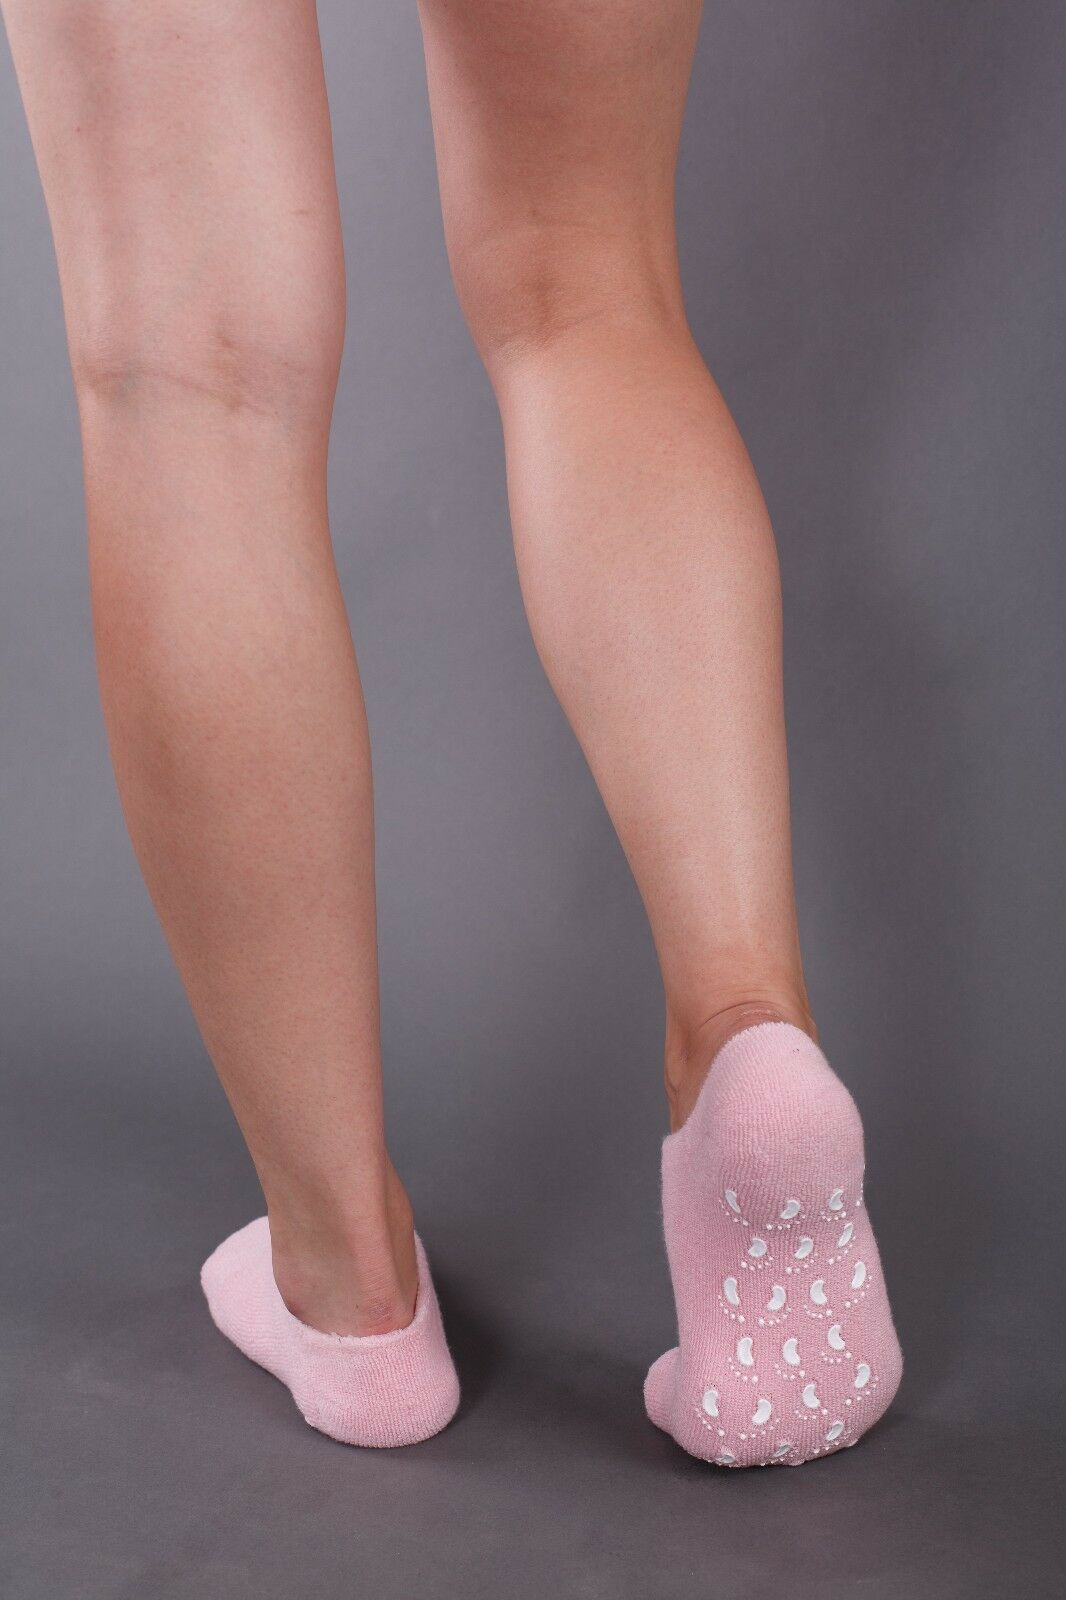 Alérgicos a los calcetines pies